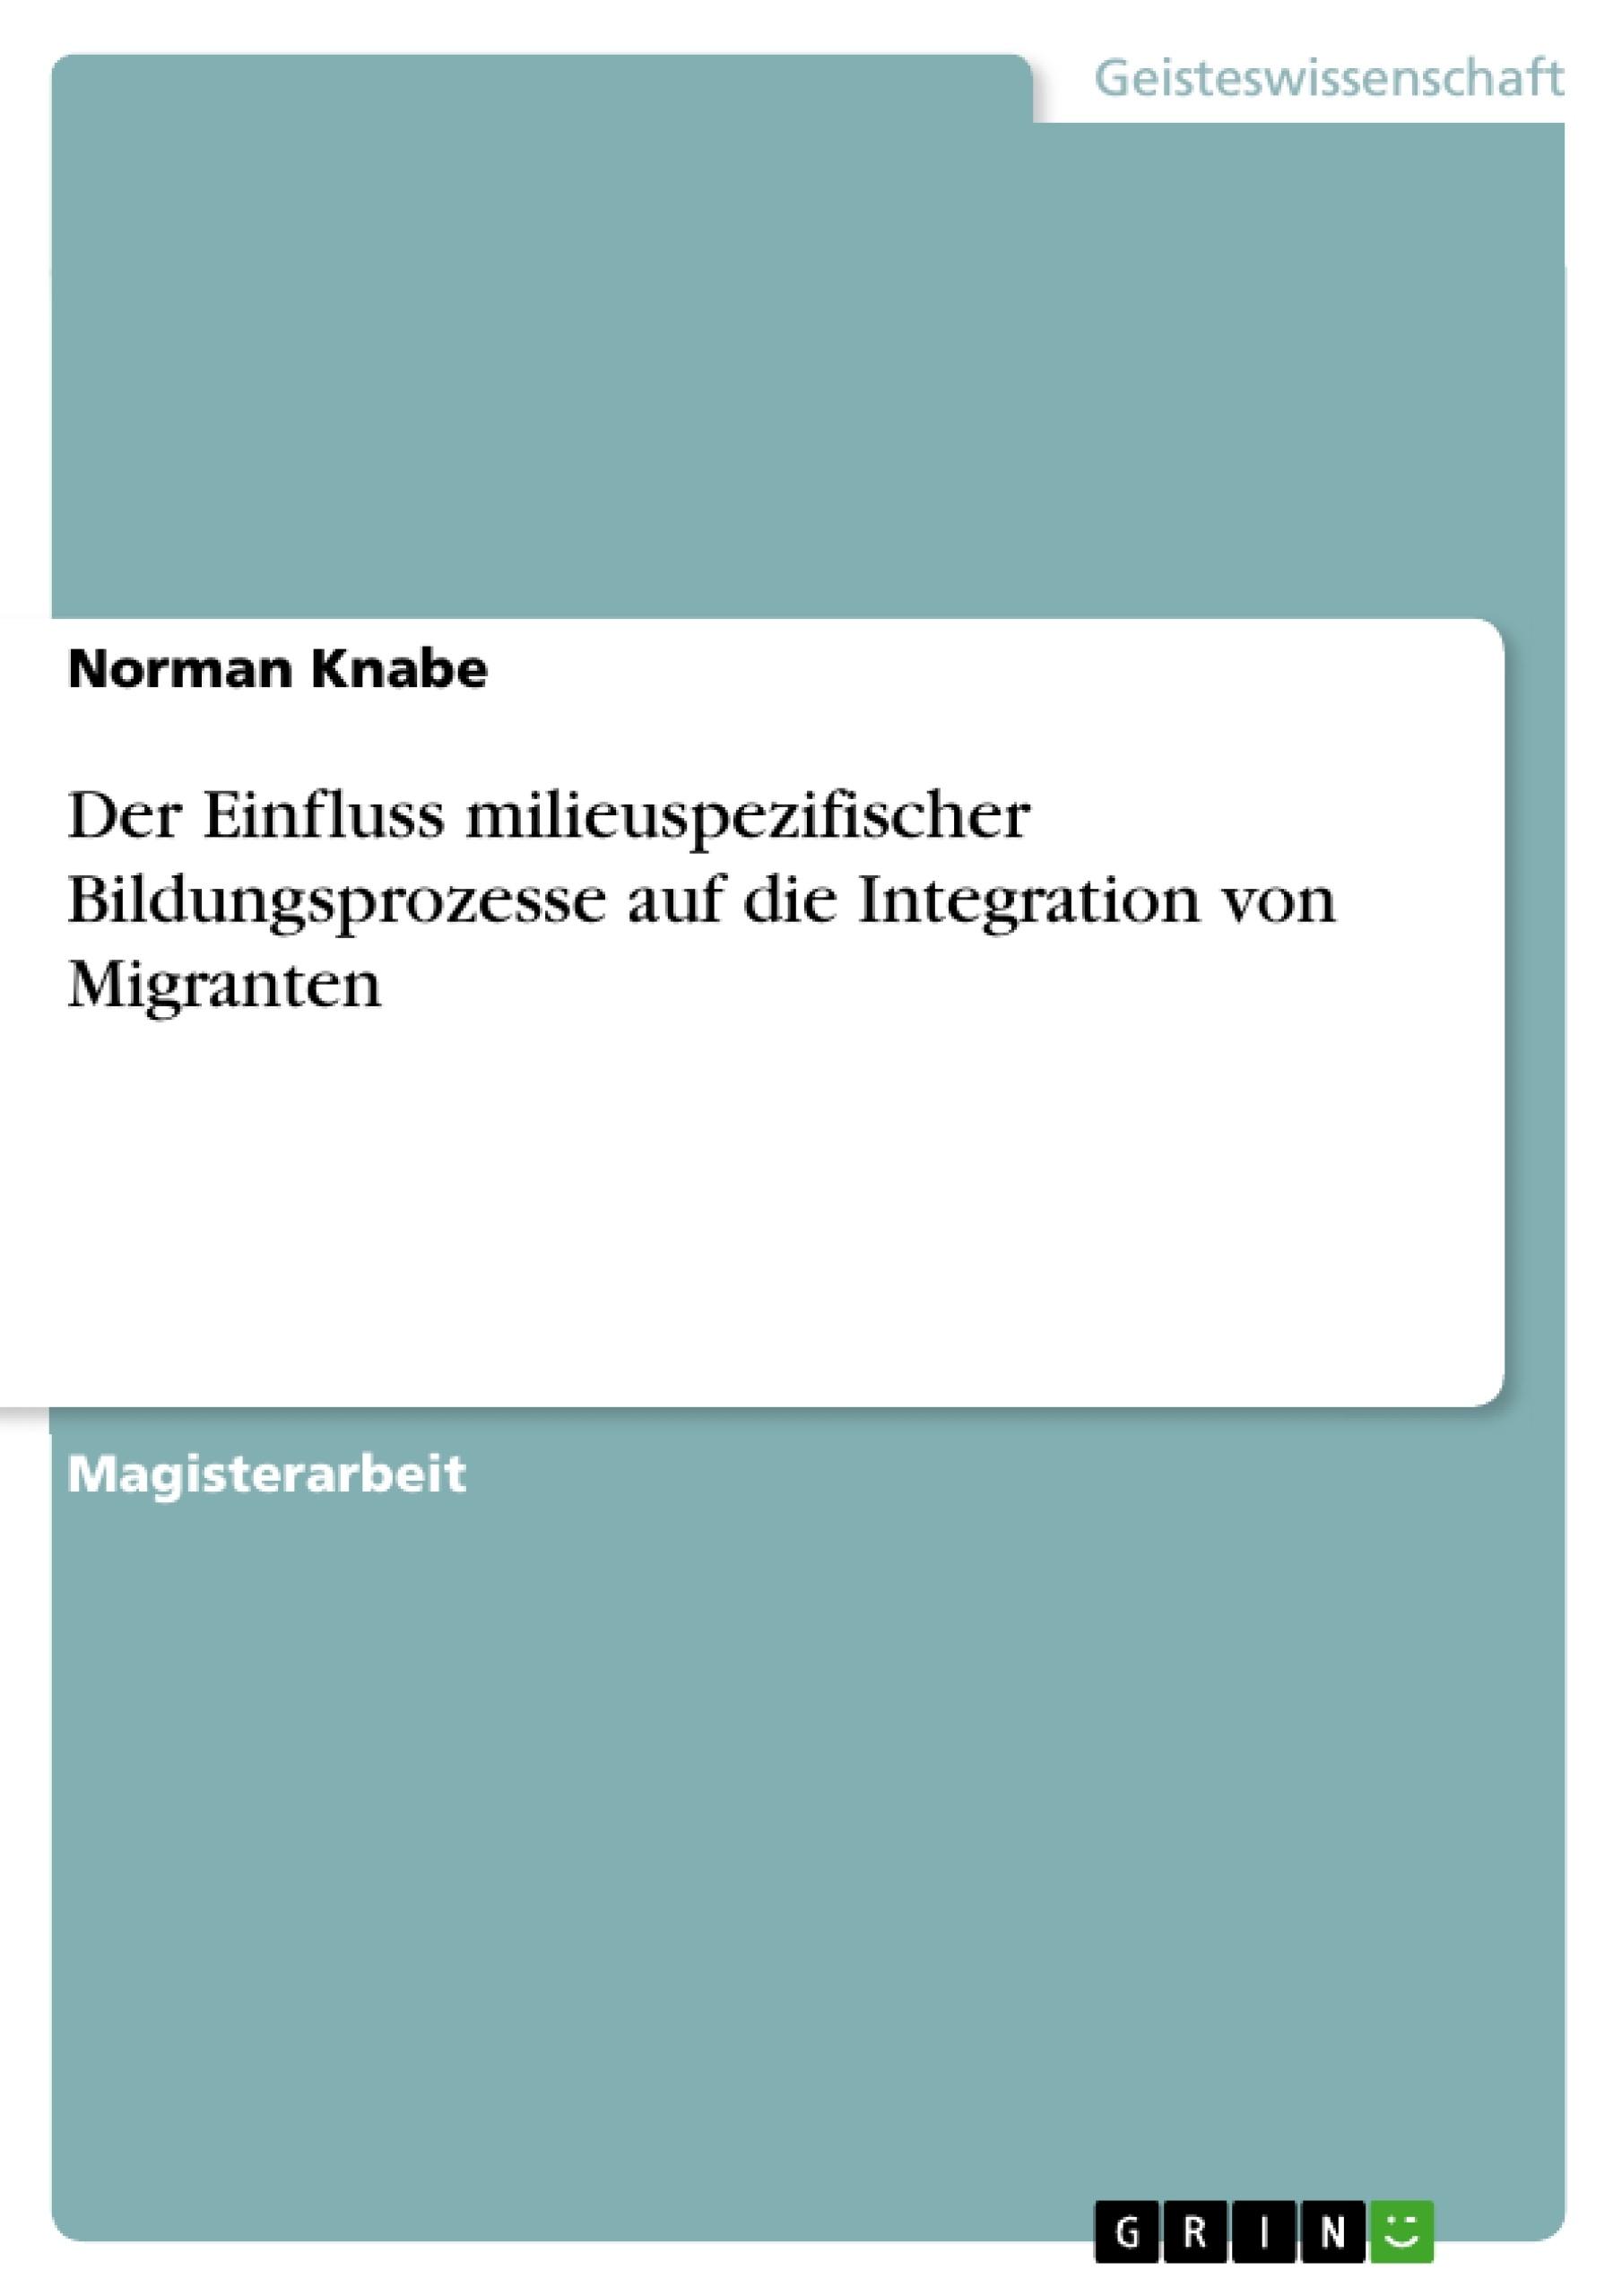 Titel: Der Einfluss milieuspezifischer Bildungsprozesse auf die Integration von Migranten